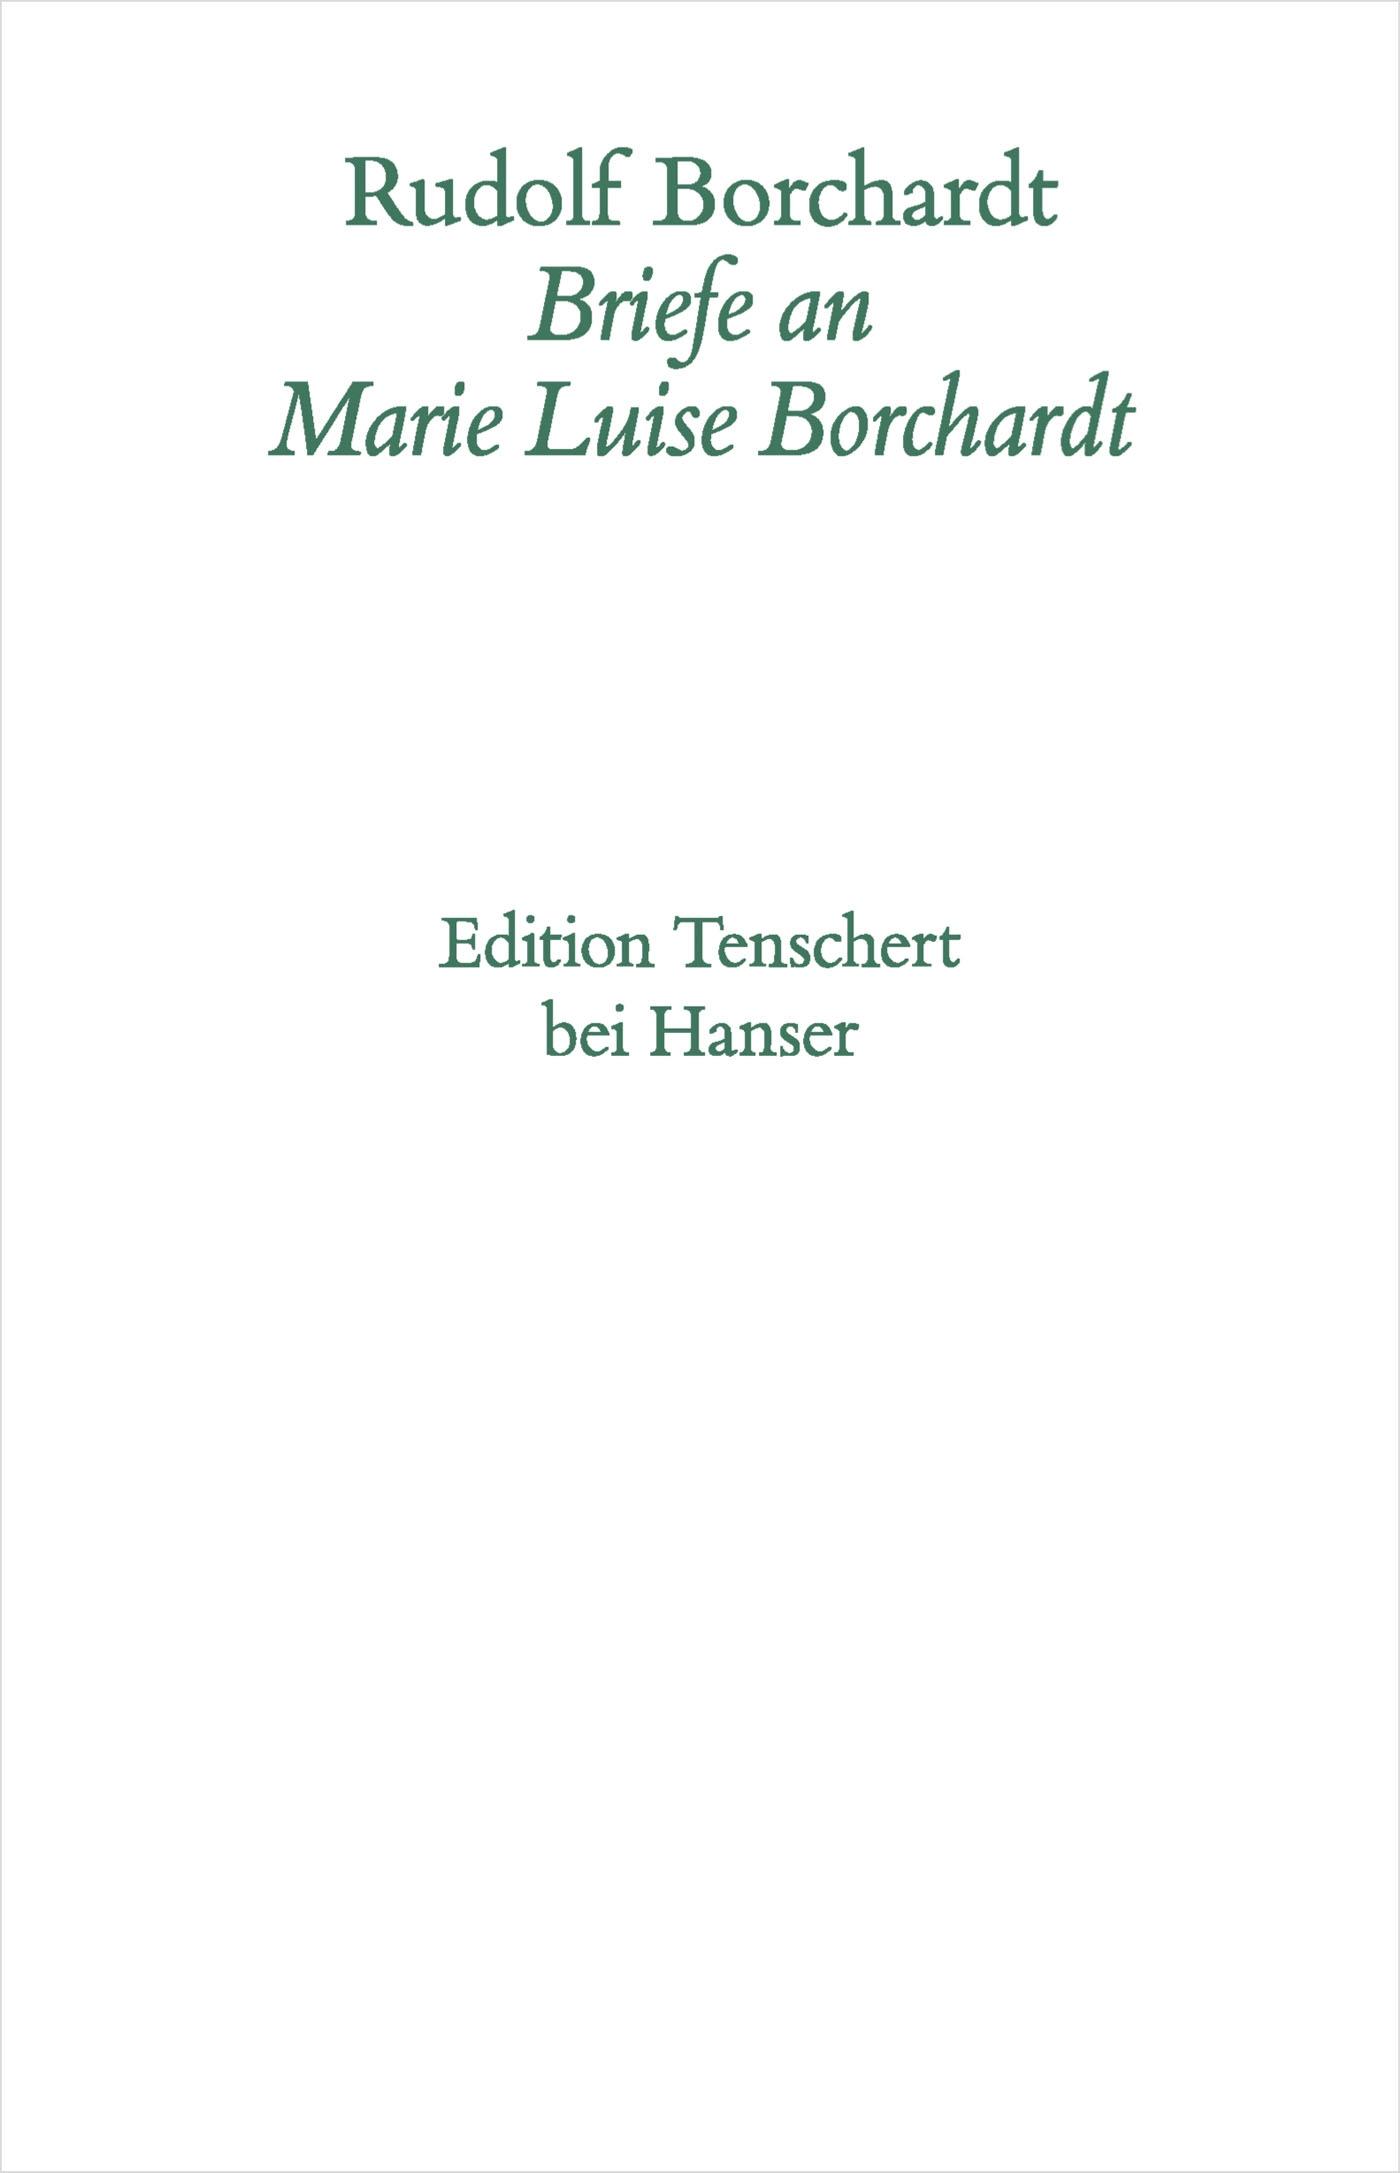 Briefe an Marie Luise Borchardt (Drei Bände komplett)